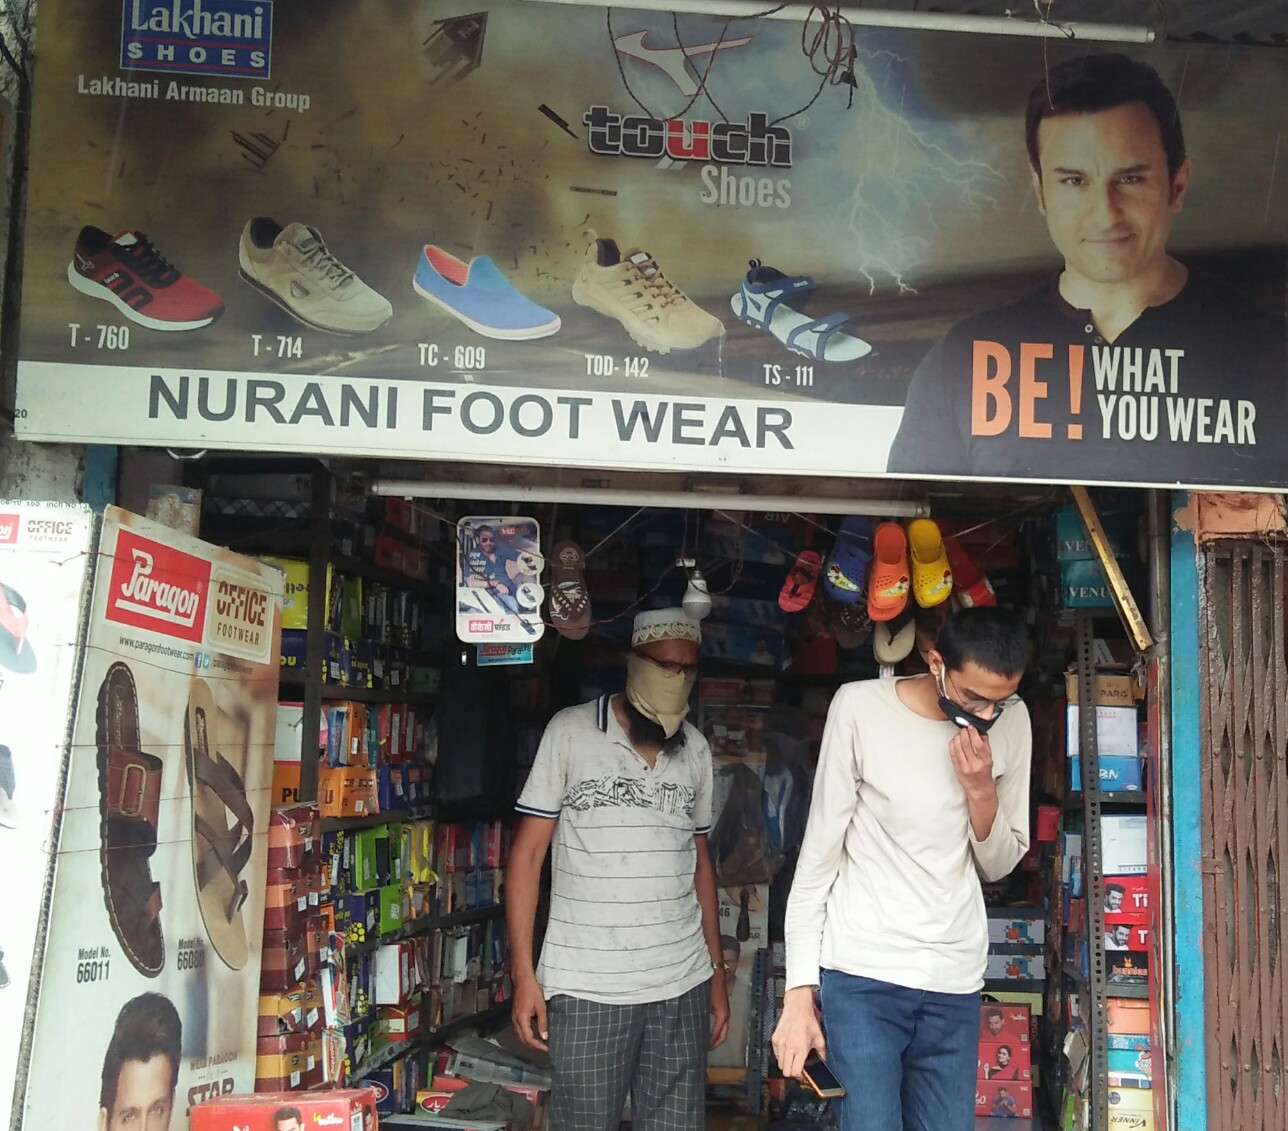 noorani footwear